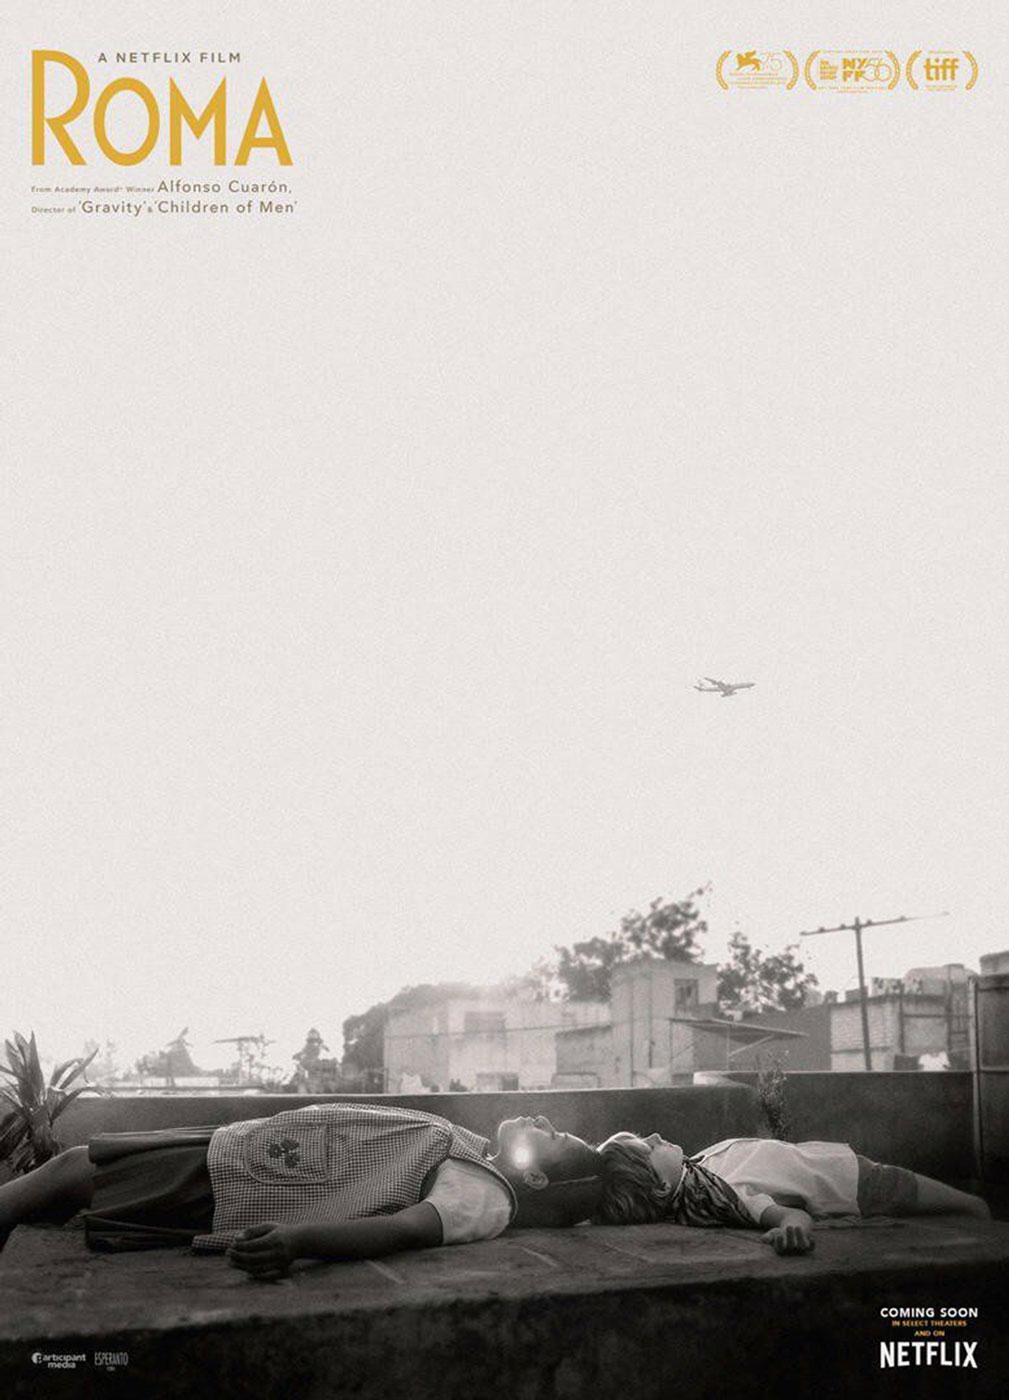 Película - Roma - Alfonso Cuarón (2018)